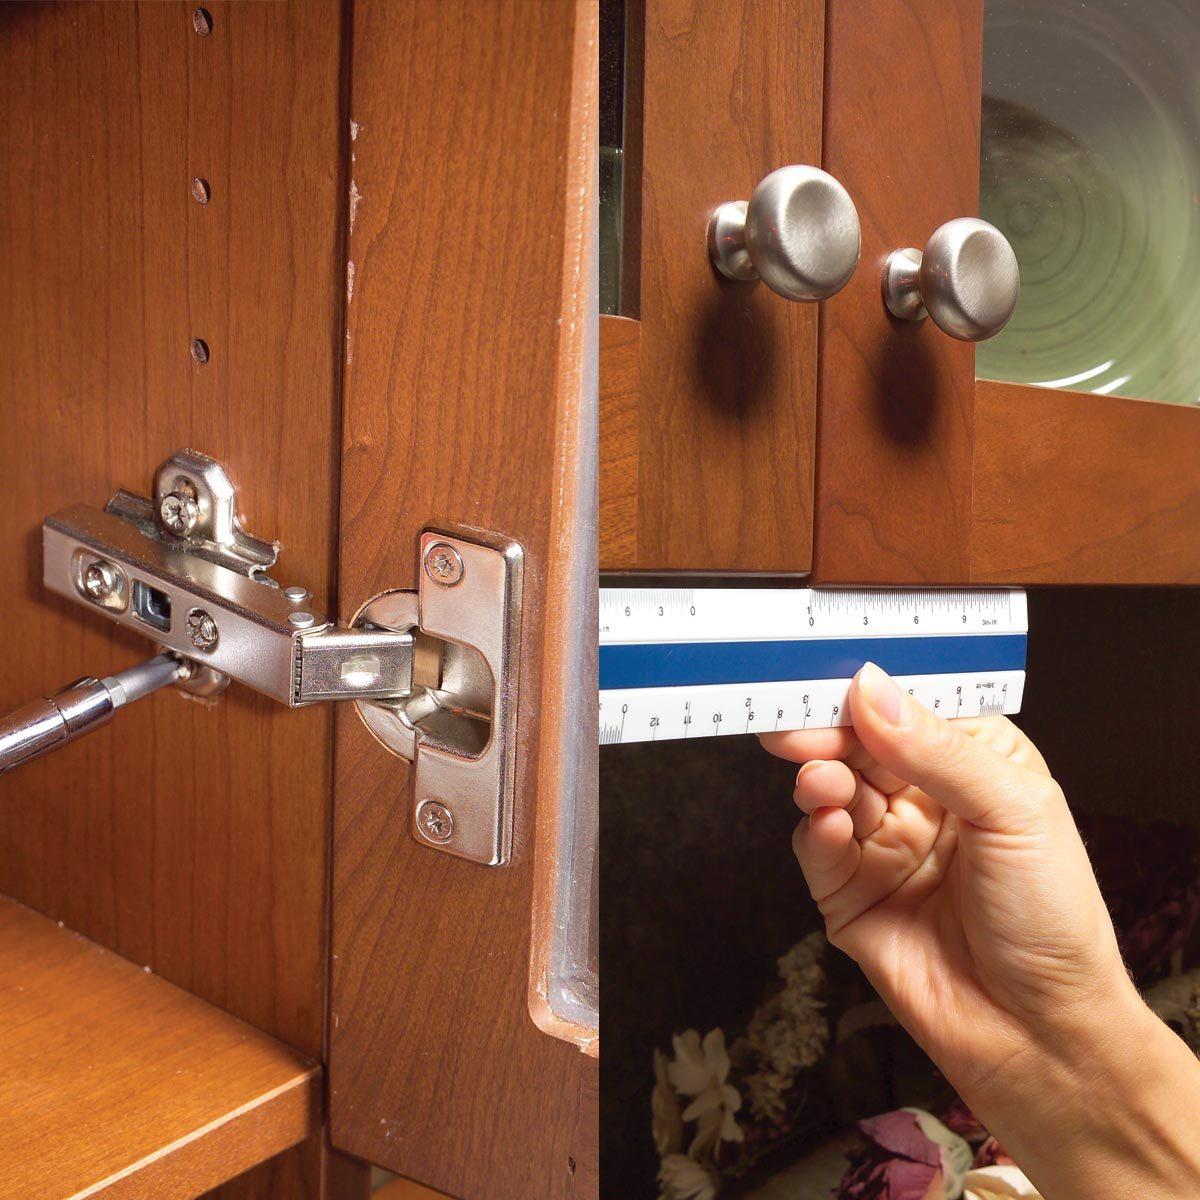 Adjust Hinges on Misaligned Doors